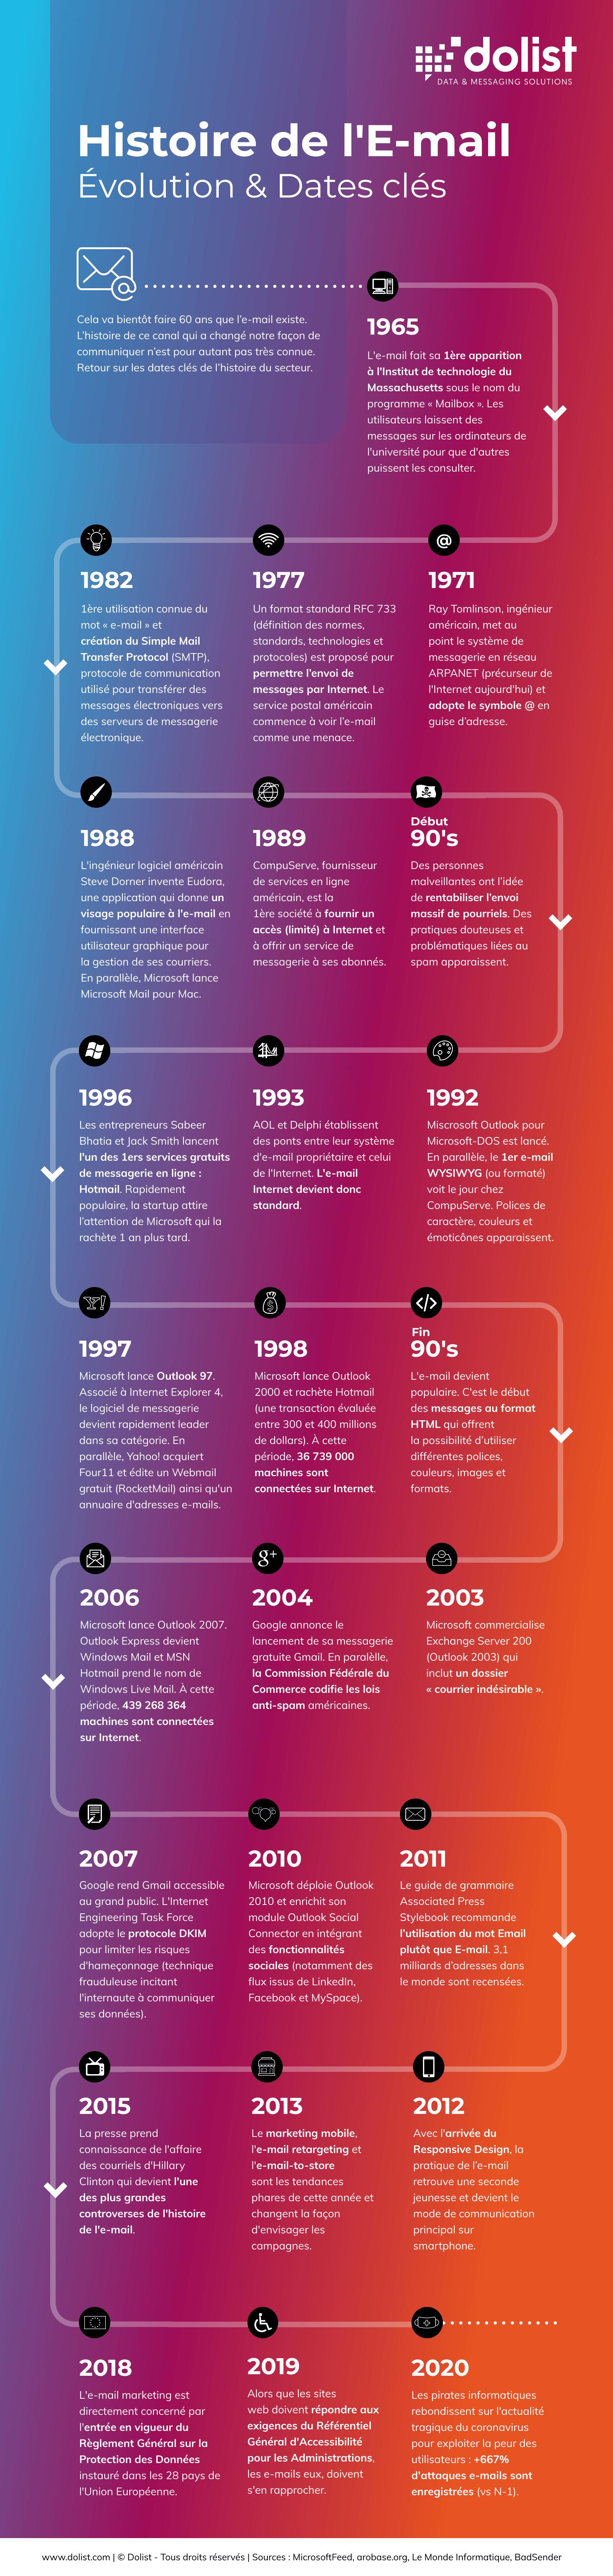 Infographie Histoire de l'E-mail : Évolution & Dates clés